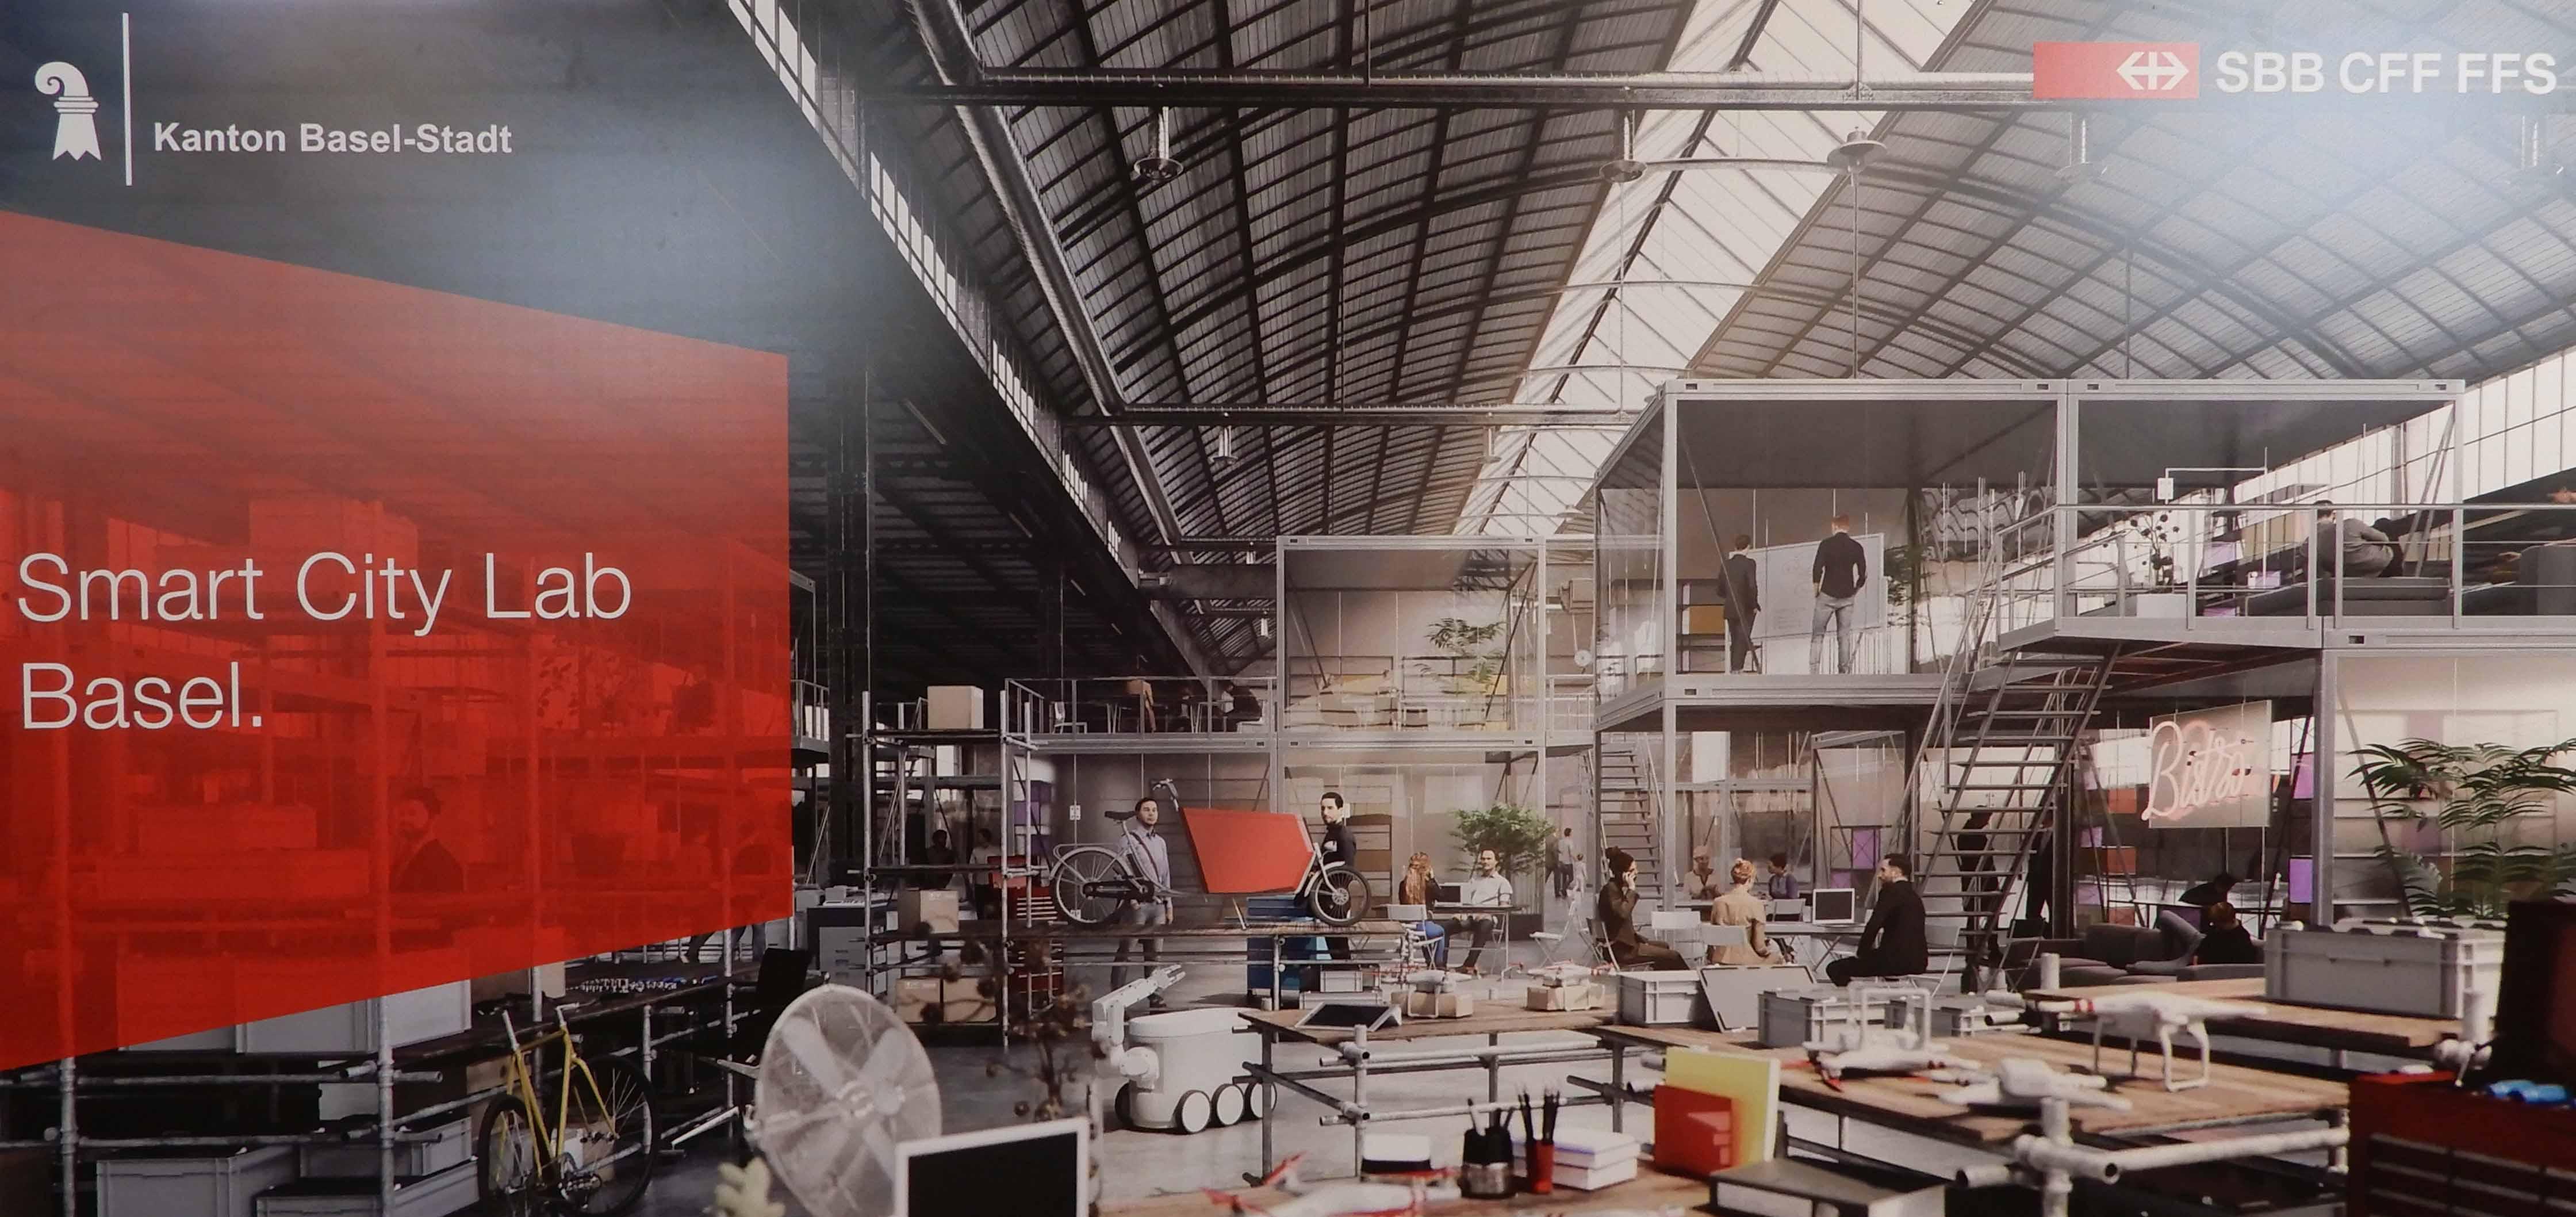 """Wer (miss) braucht hier wen? Die SBB, Basel und die Schweiz oder umgekehrt? <em><span style=""""font-size: 12pt;"""">Zur Eröffnung des «Smart City Labs» der SBB auf dem Wolf-Areal</span></em>"""